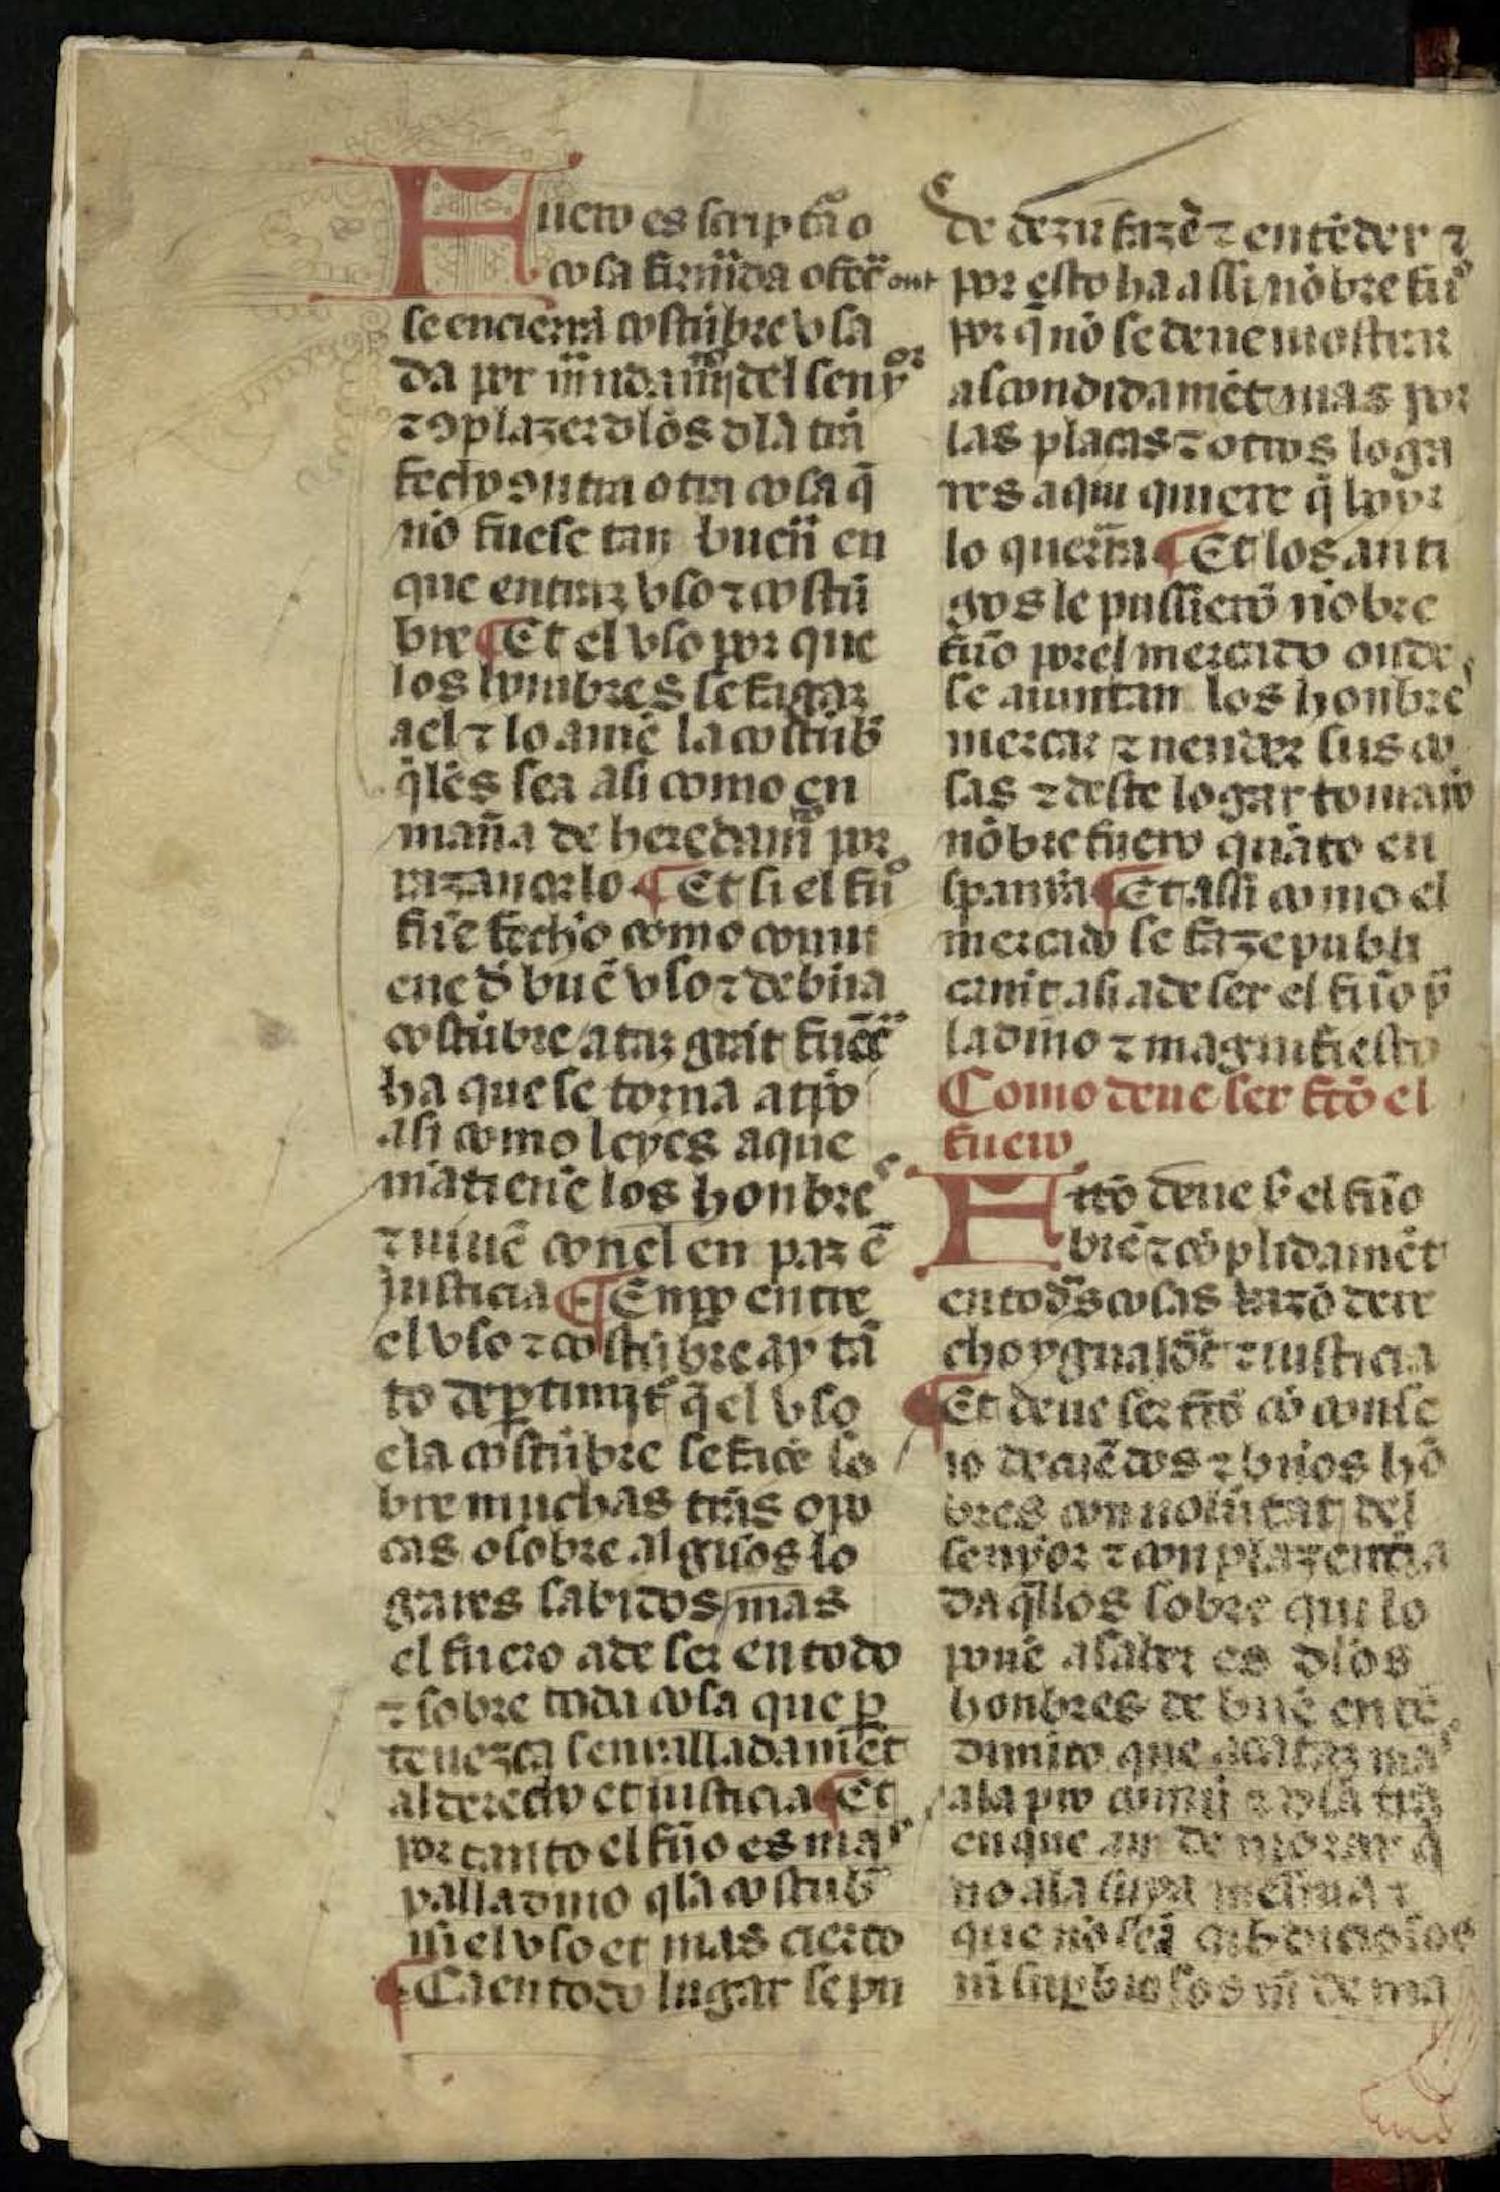 MNX, fol. 1v (1.2.7-8)